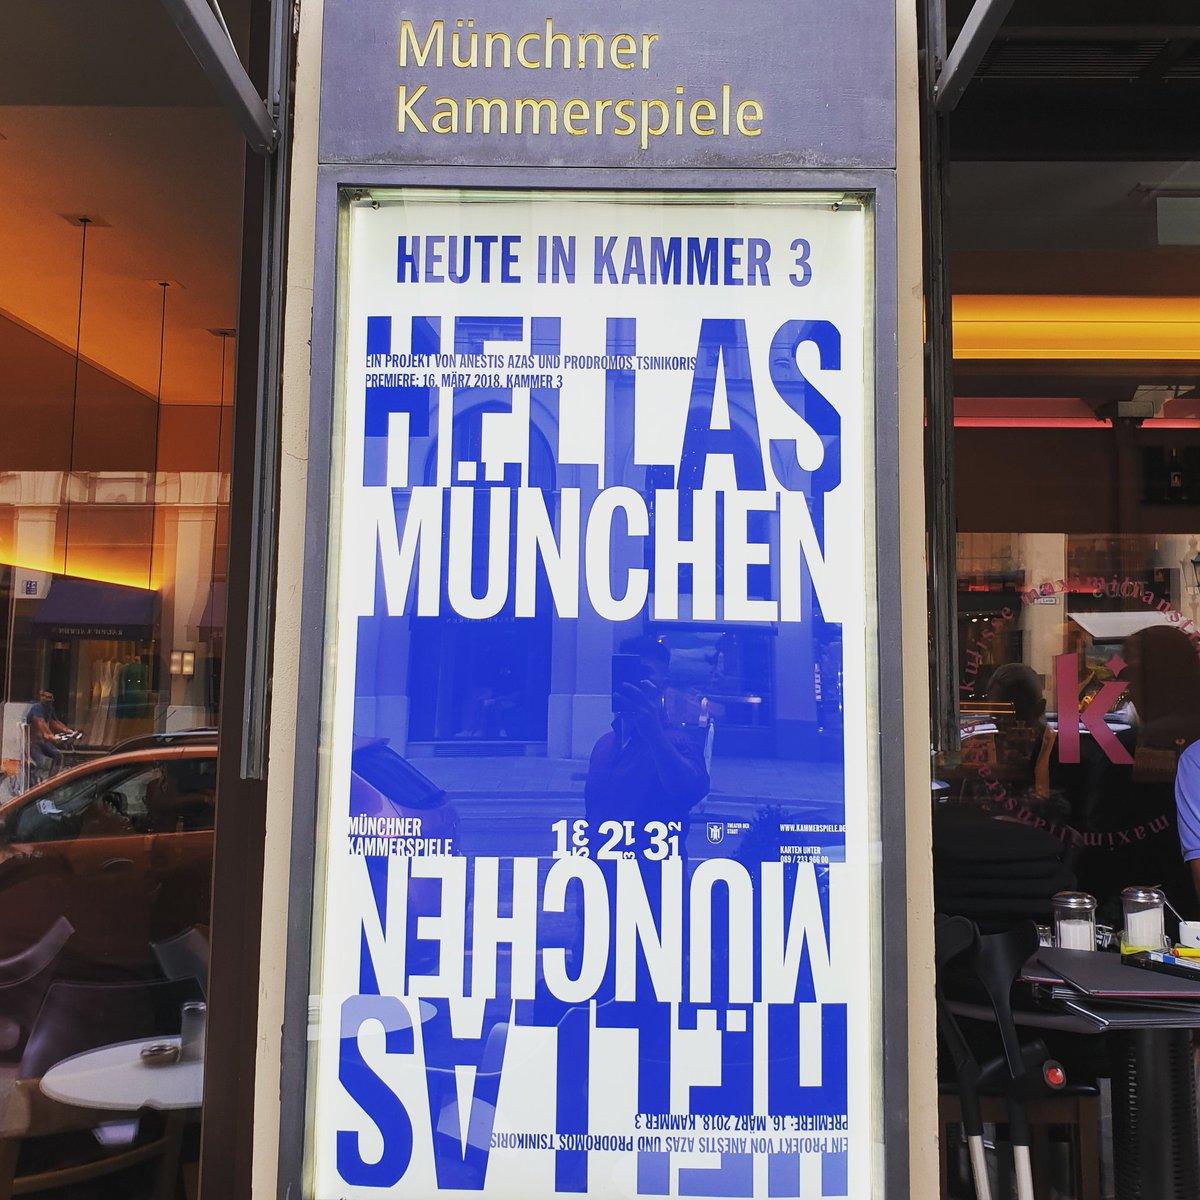 Hellas München ... heute in Kammer 3 um 20:00 Uhr...die letzten 3 Vorstellungen am 25.,26. und 27.02 @M_Kammerspiele   Tickets: https://bit.ly/34jxTAQ #munich #muenchen #münchenpic.twitter.com/cobSdVK33q – at Münchner Kammerspiele